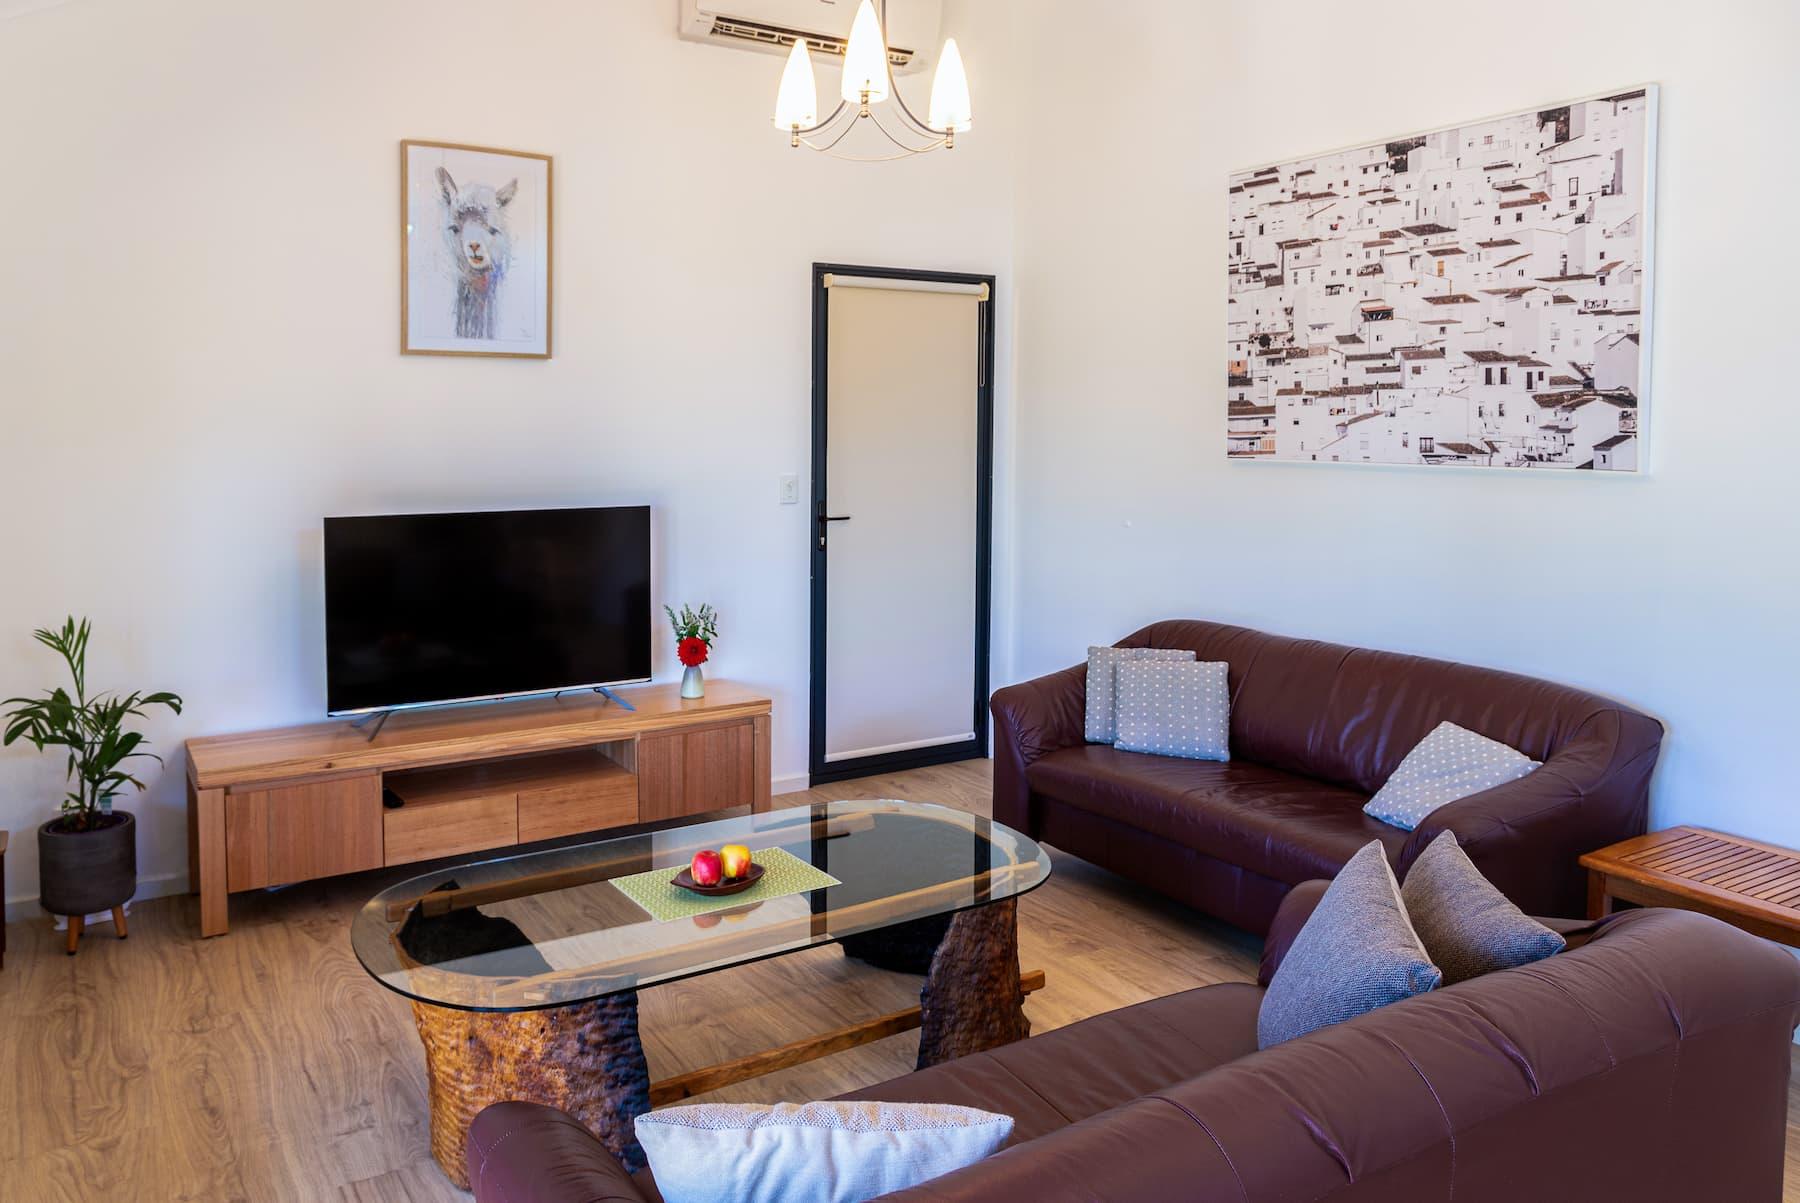 Gampi's living room